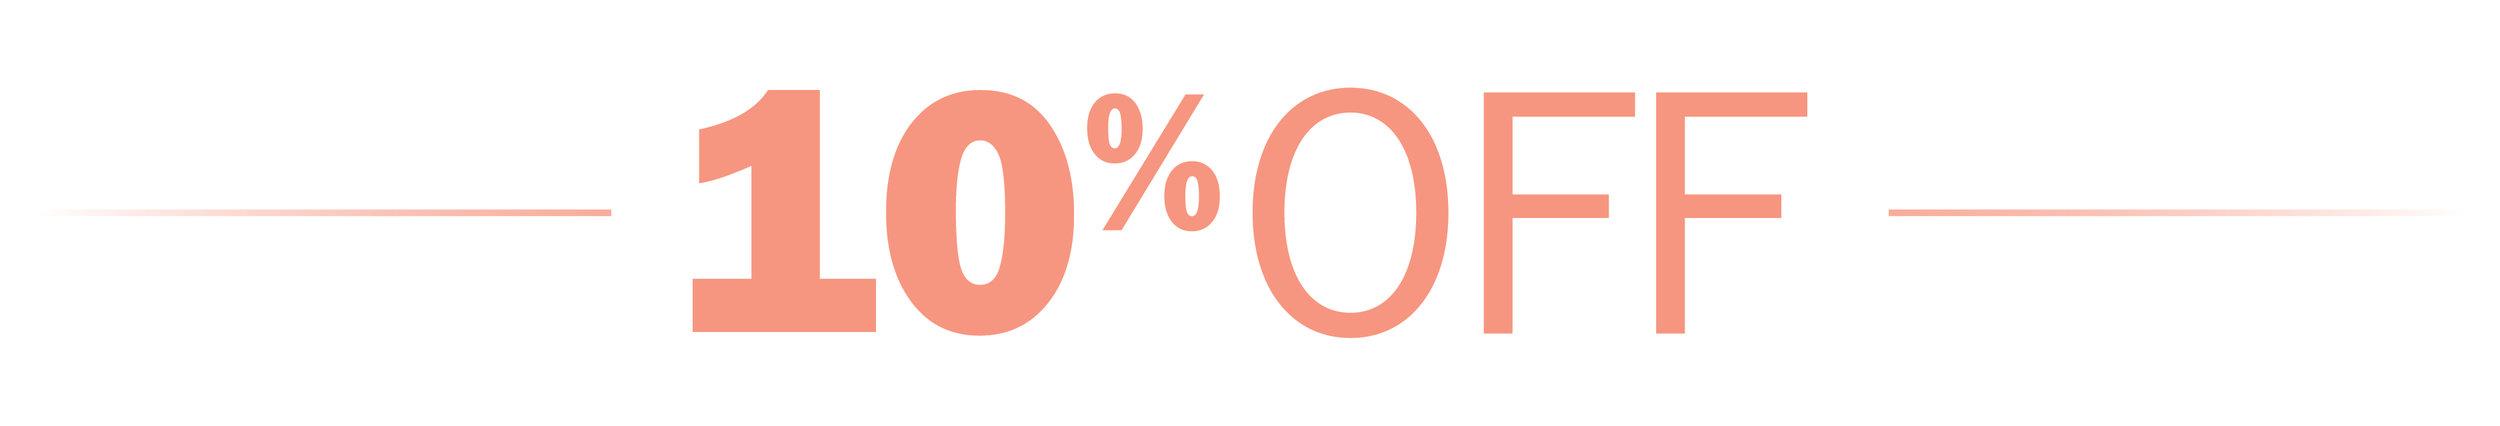 10%-off-bar_v3.jpg